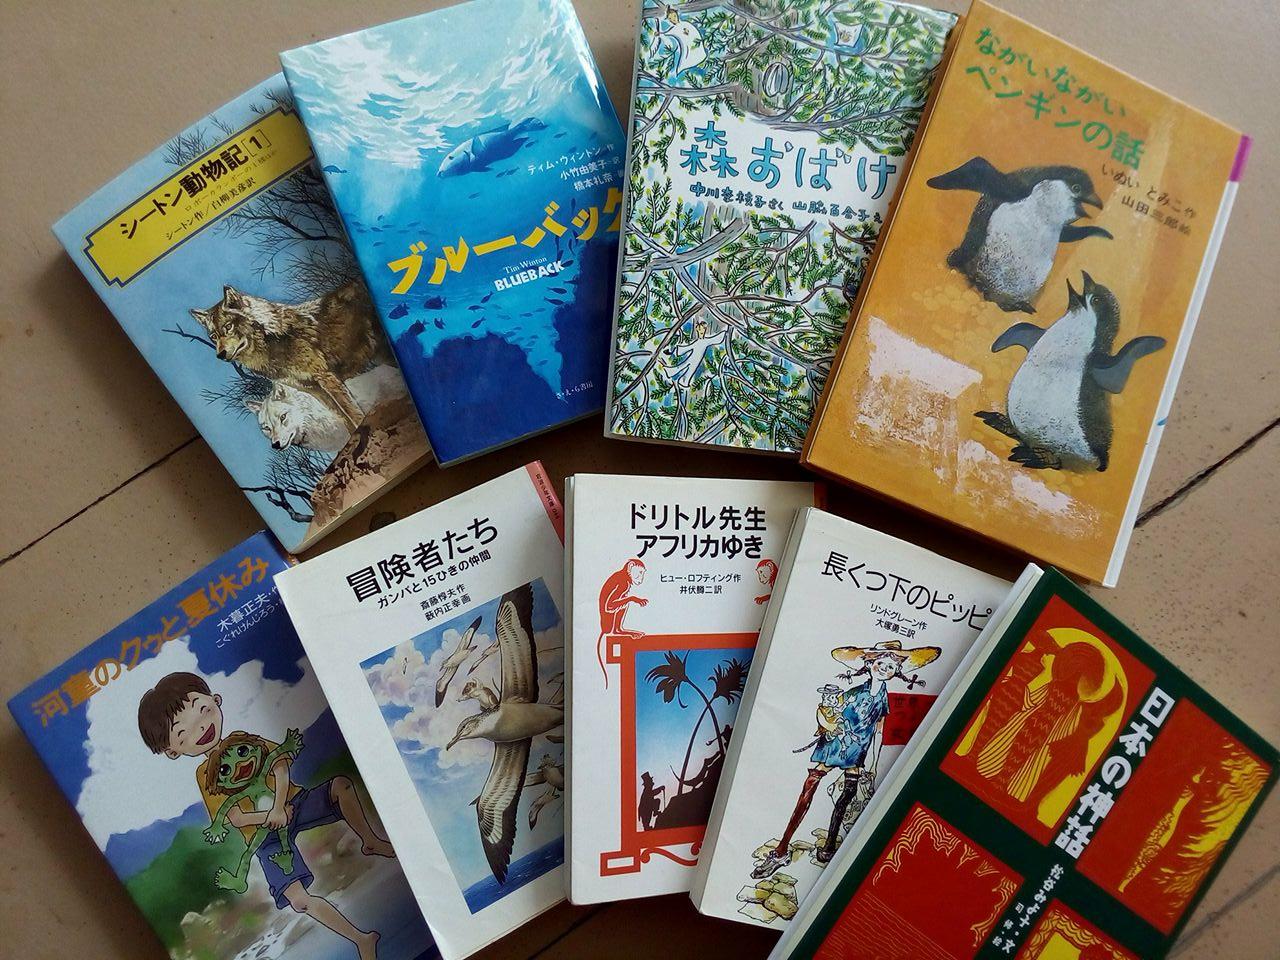 お友達が日本からこんなにたくさんの本も送ってくれた!助かるー。やす、ありがとう〜。